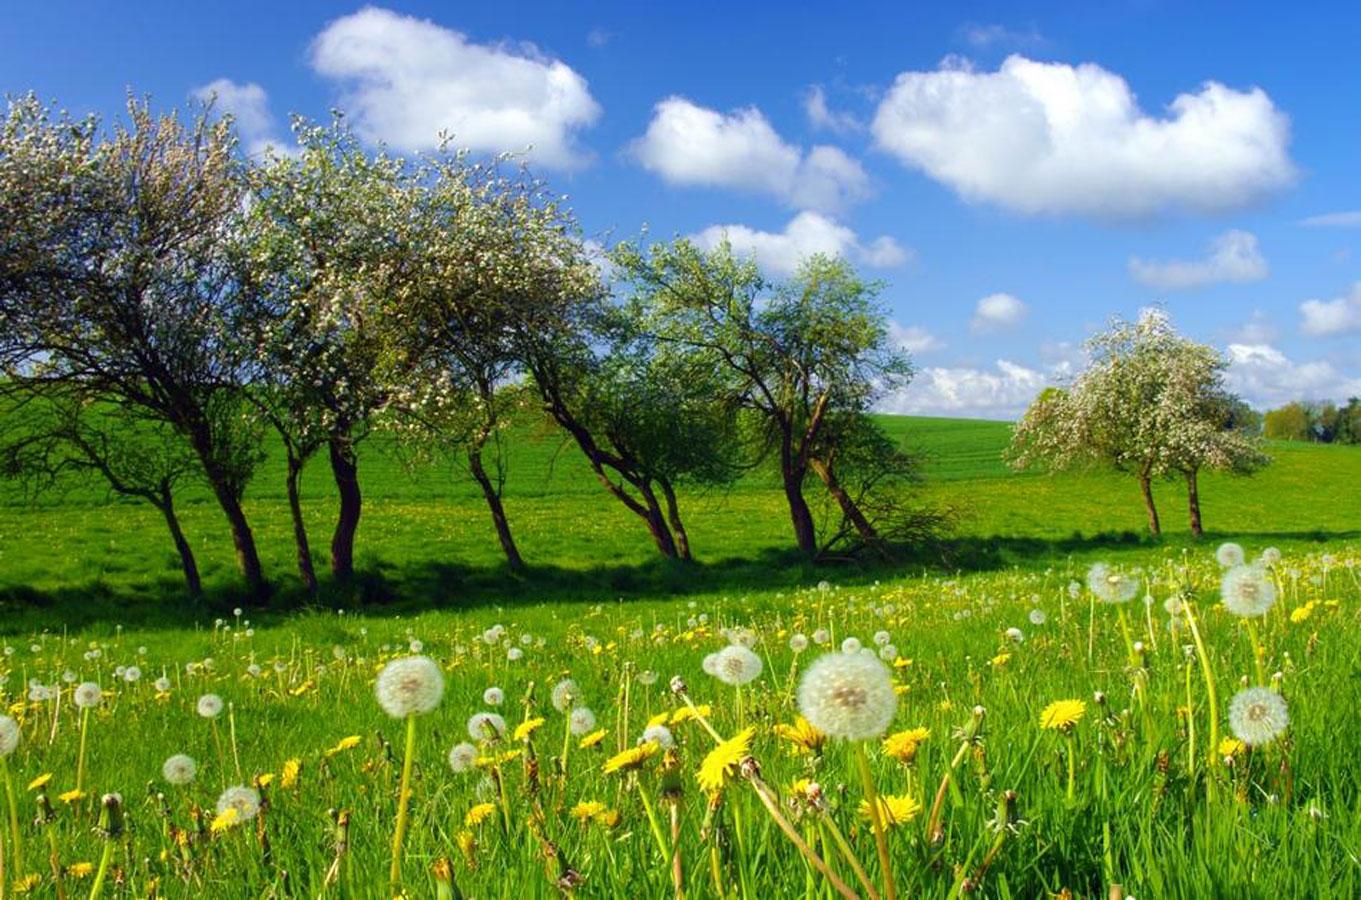 Le printemps et ses petits soucis